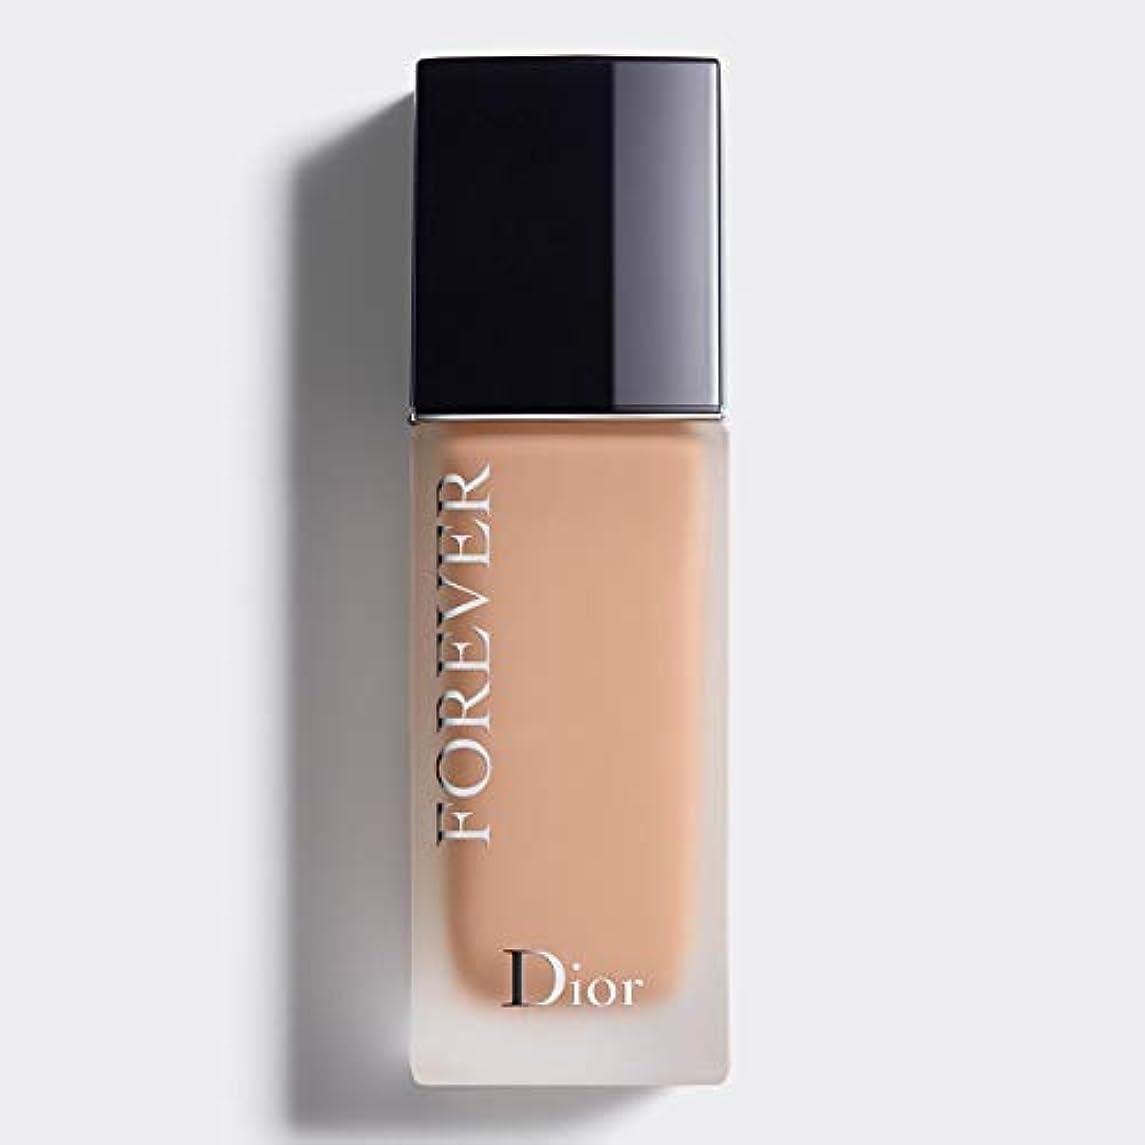 財政飛行場イソギンチャククリスチャンディオール Dior Forever 24H Wear High Perfection Foundation SPF 35 - # 3CR (Cool Rosy) 30ml/1oz並行輸入品